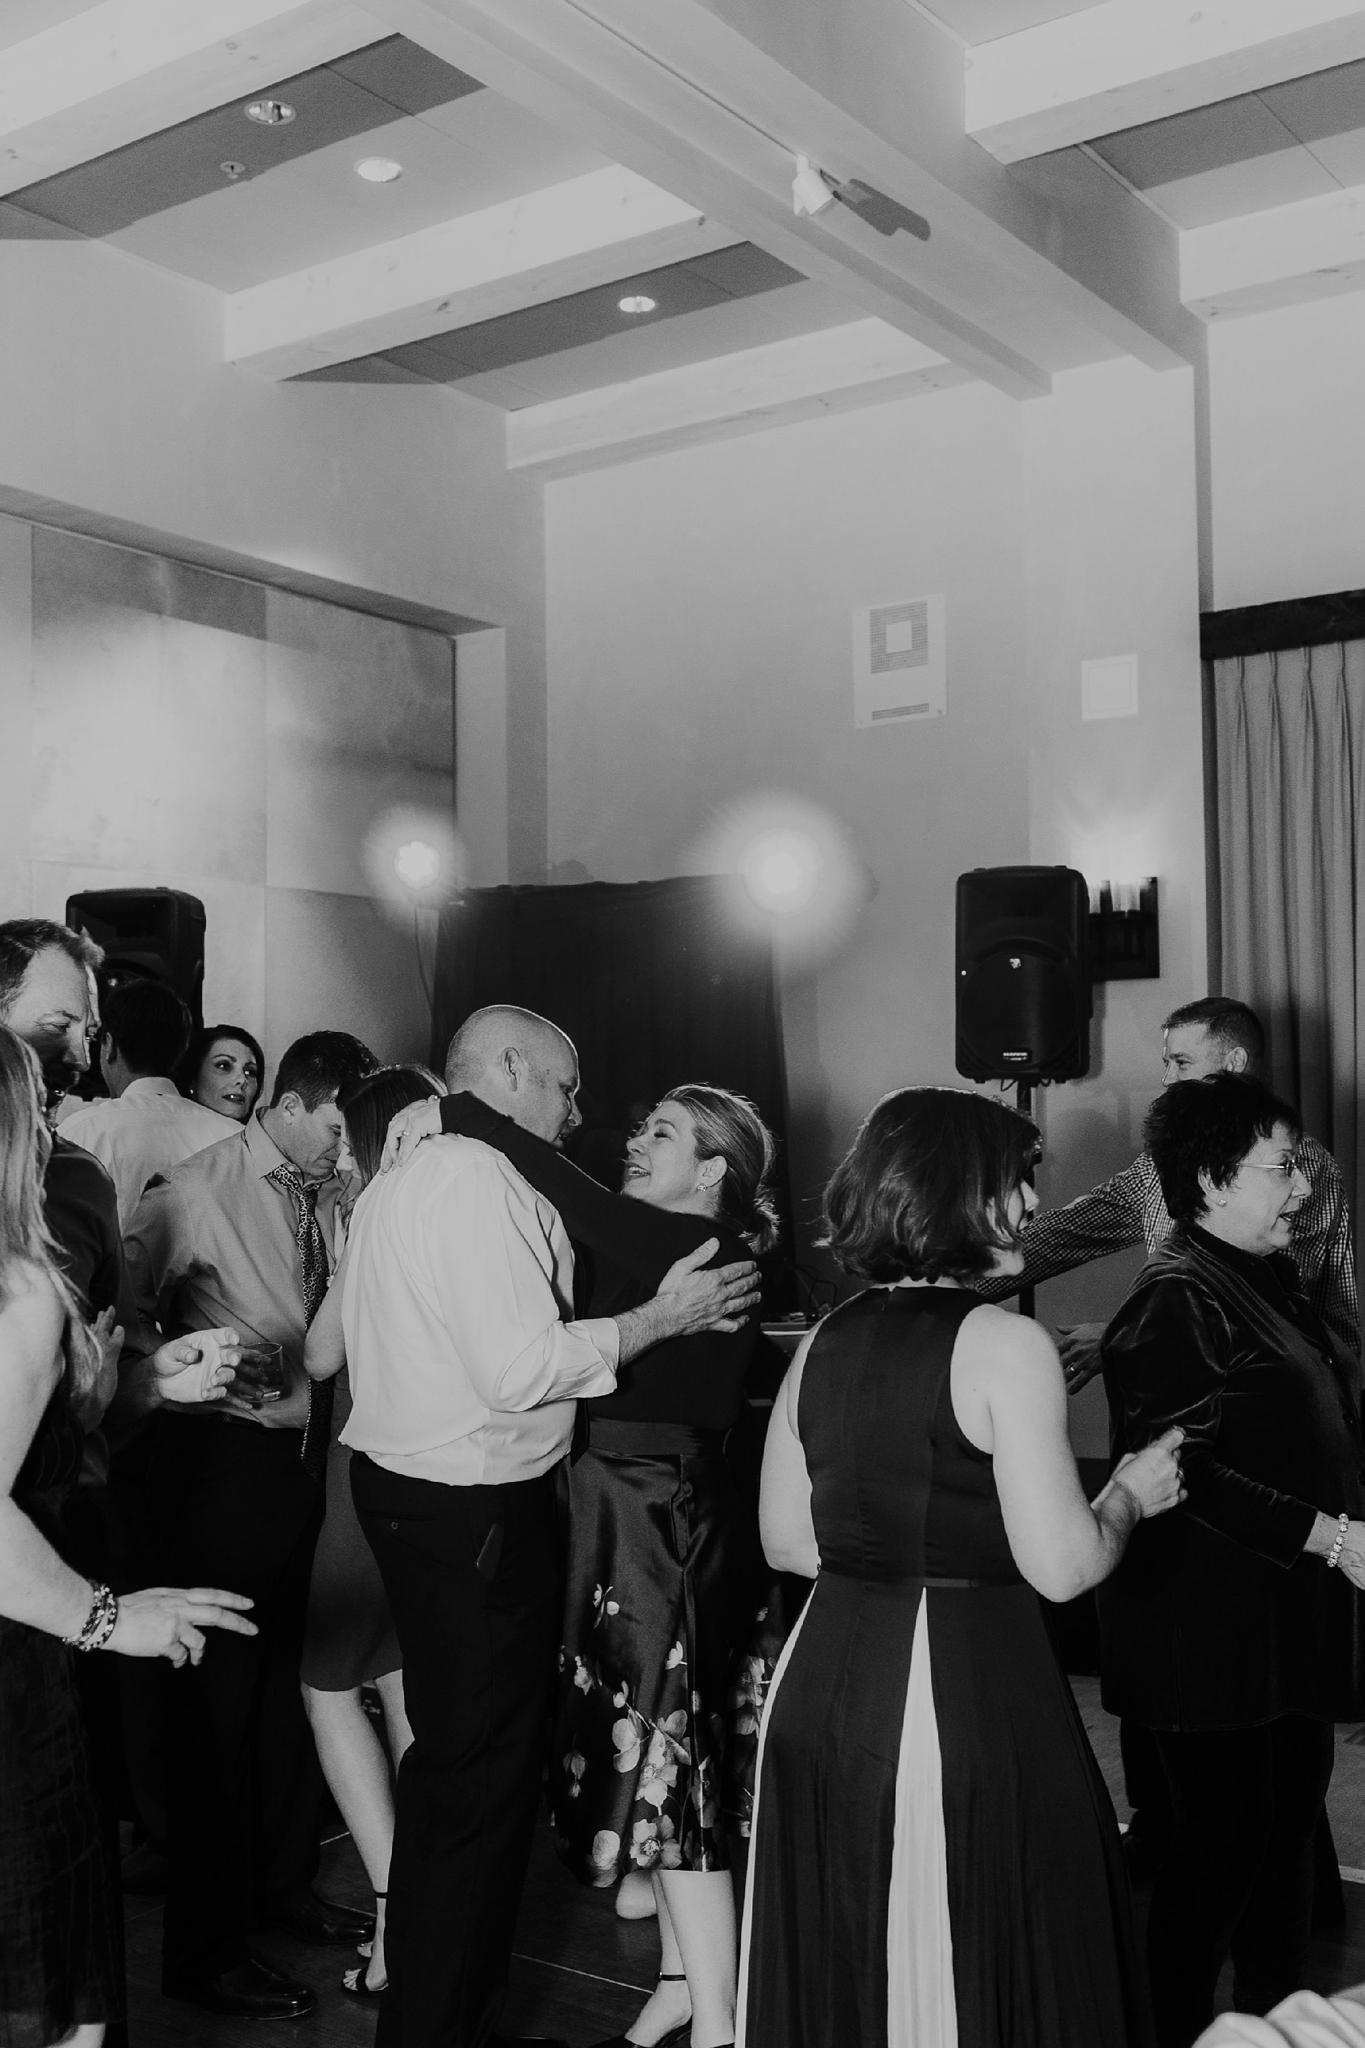 Alicia+lucia+photography+-+albuquerque+wedding+photographer+-+santa+fe+wedding+photography+-+new+mexico+wedding+photographer+-+new+mexico+wedding+-+santa+fe+wedding+-+four+seasons+wedding+-+winter+wedding_0155.jpg